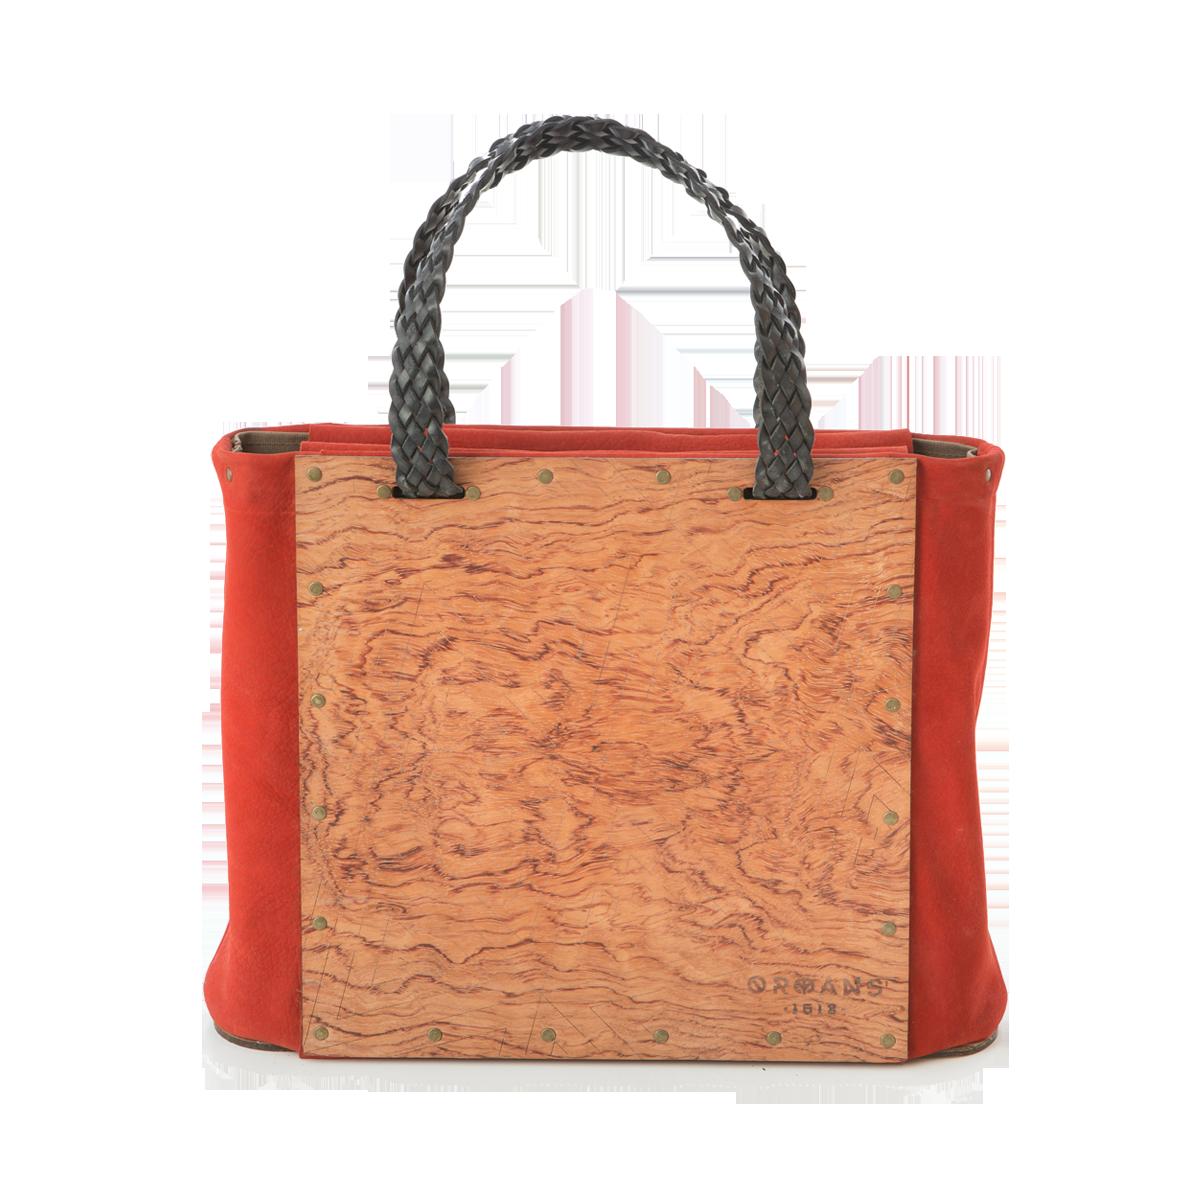 rosewood-burl-shoulderbag-front